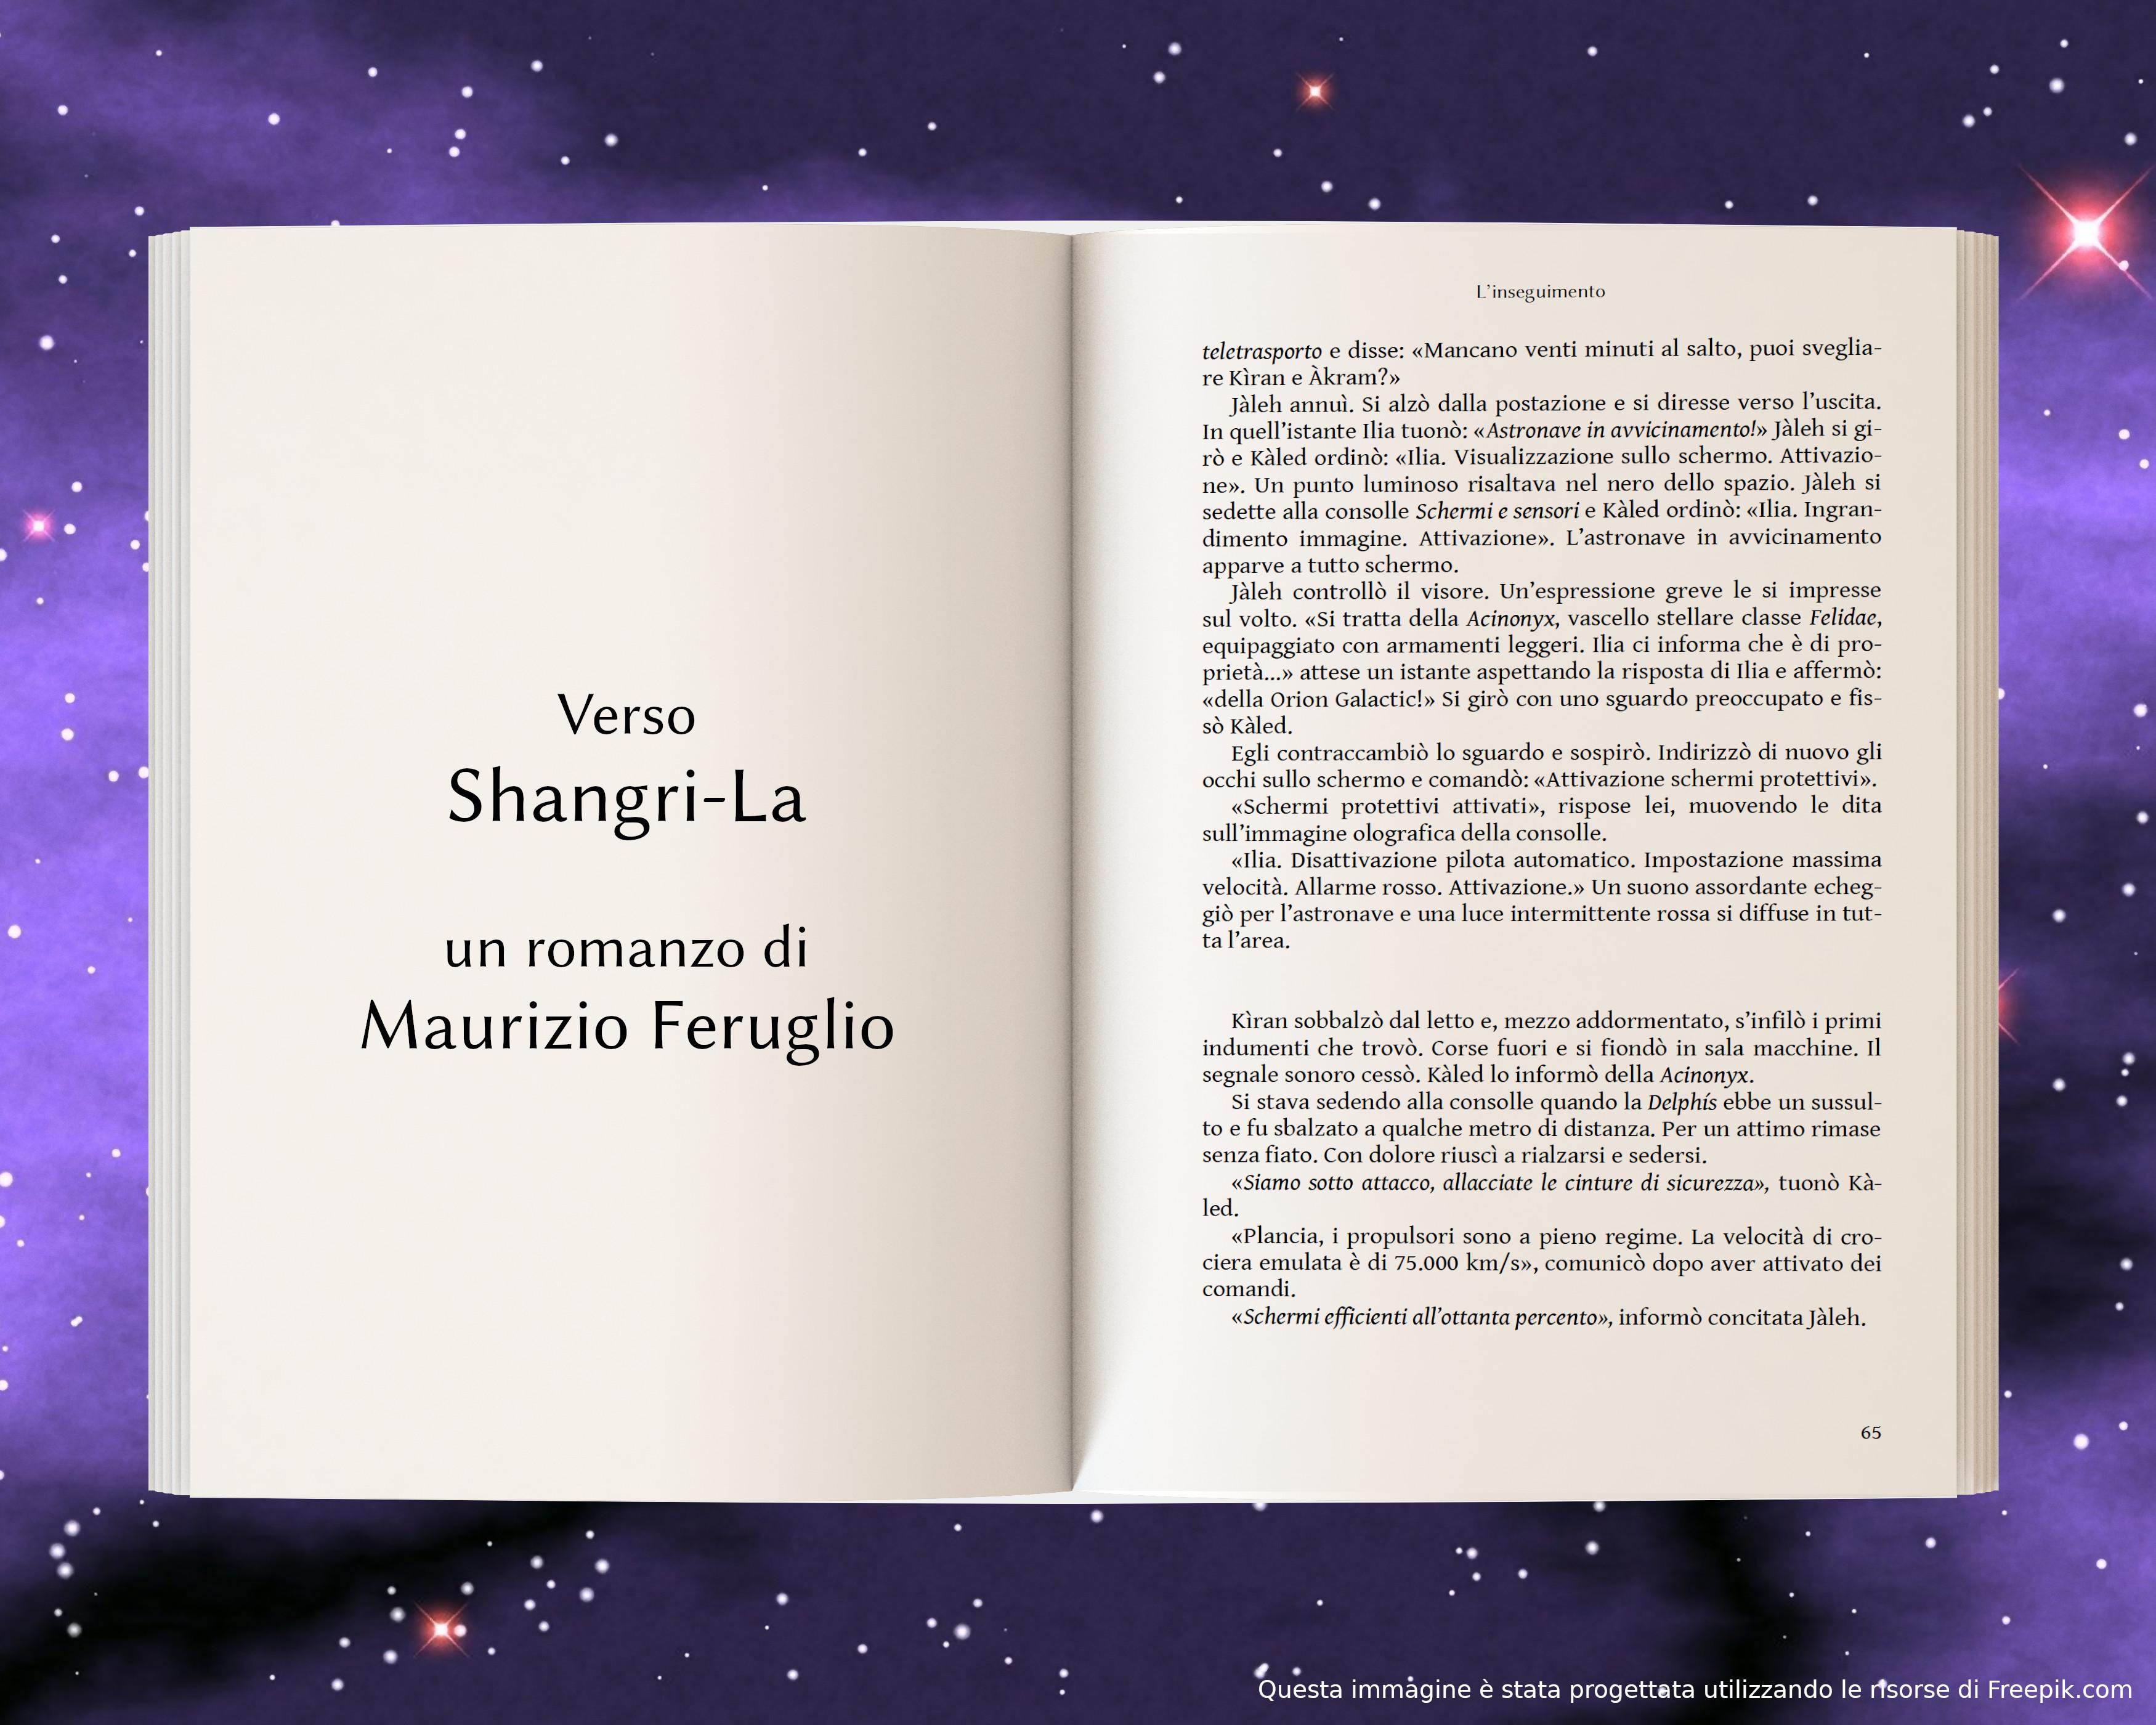 Attacco alla Delphìs - anteprima di Verso Shangri-La di Maurizio Feruglio